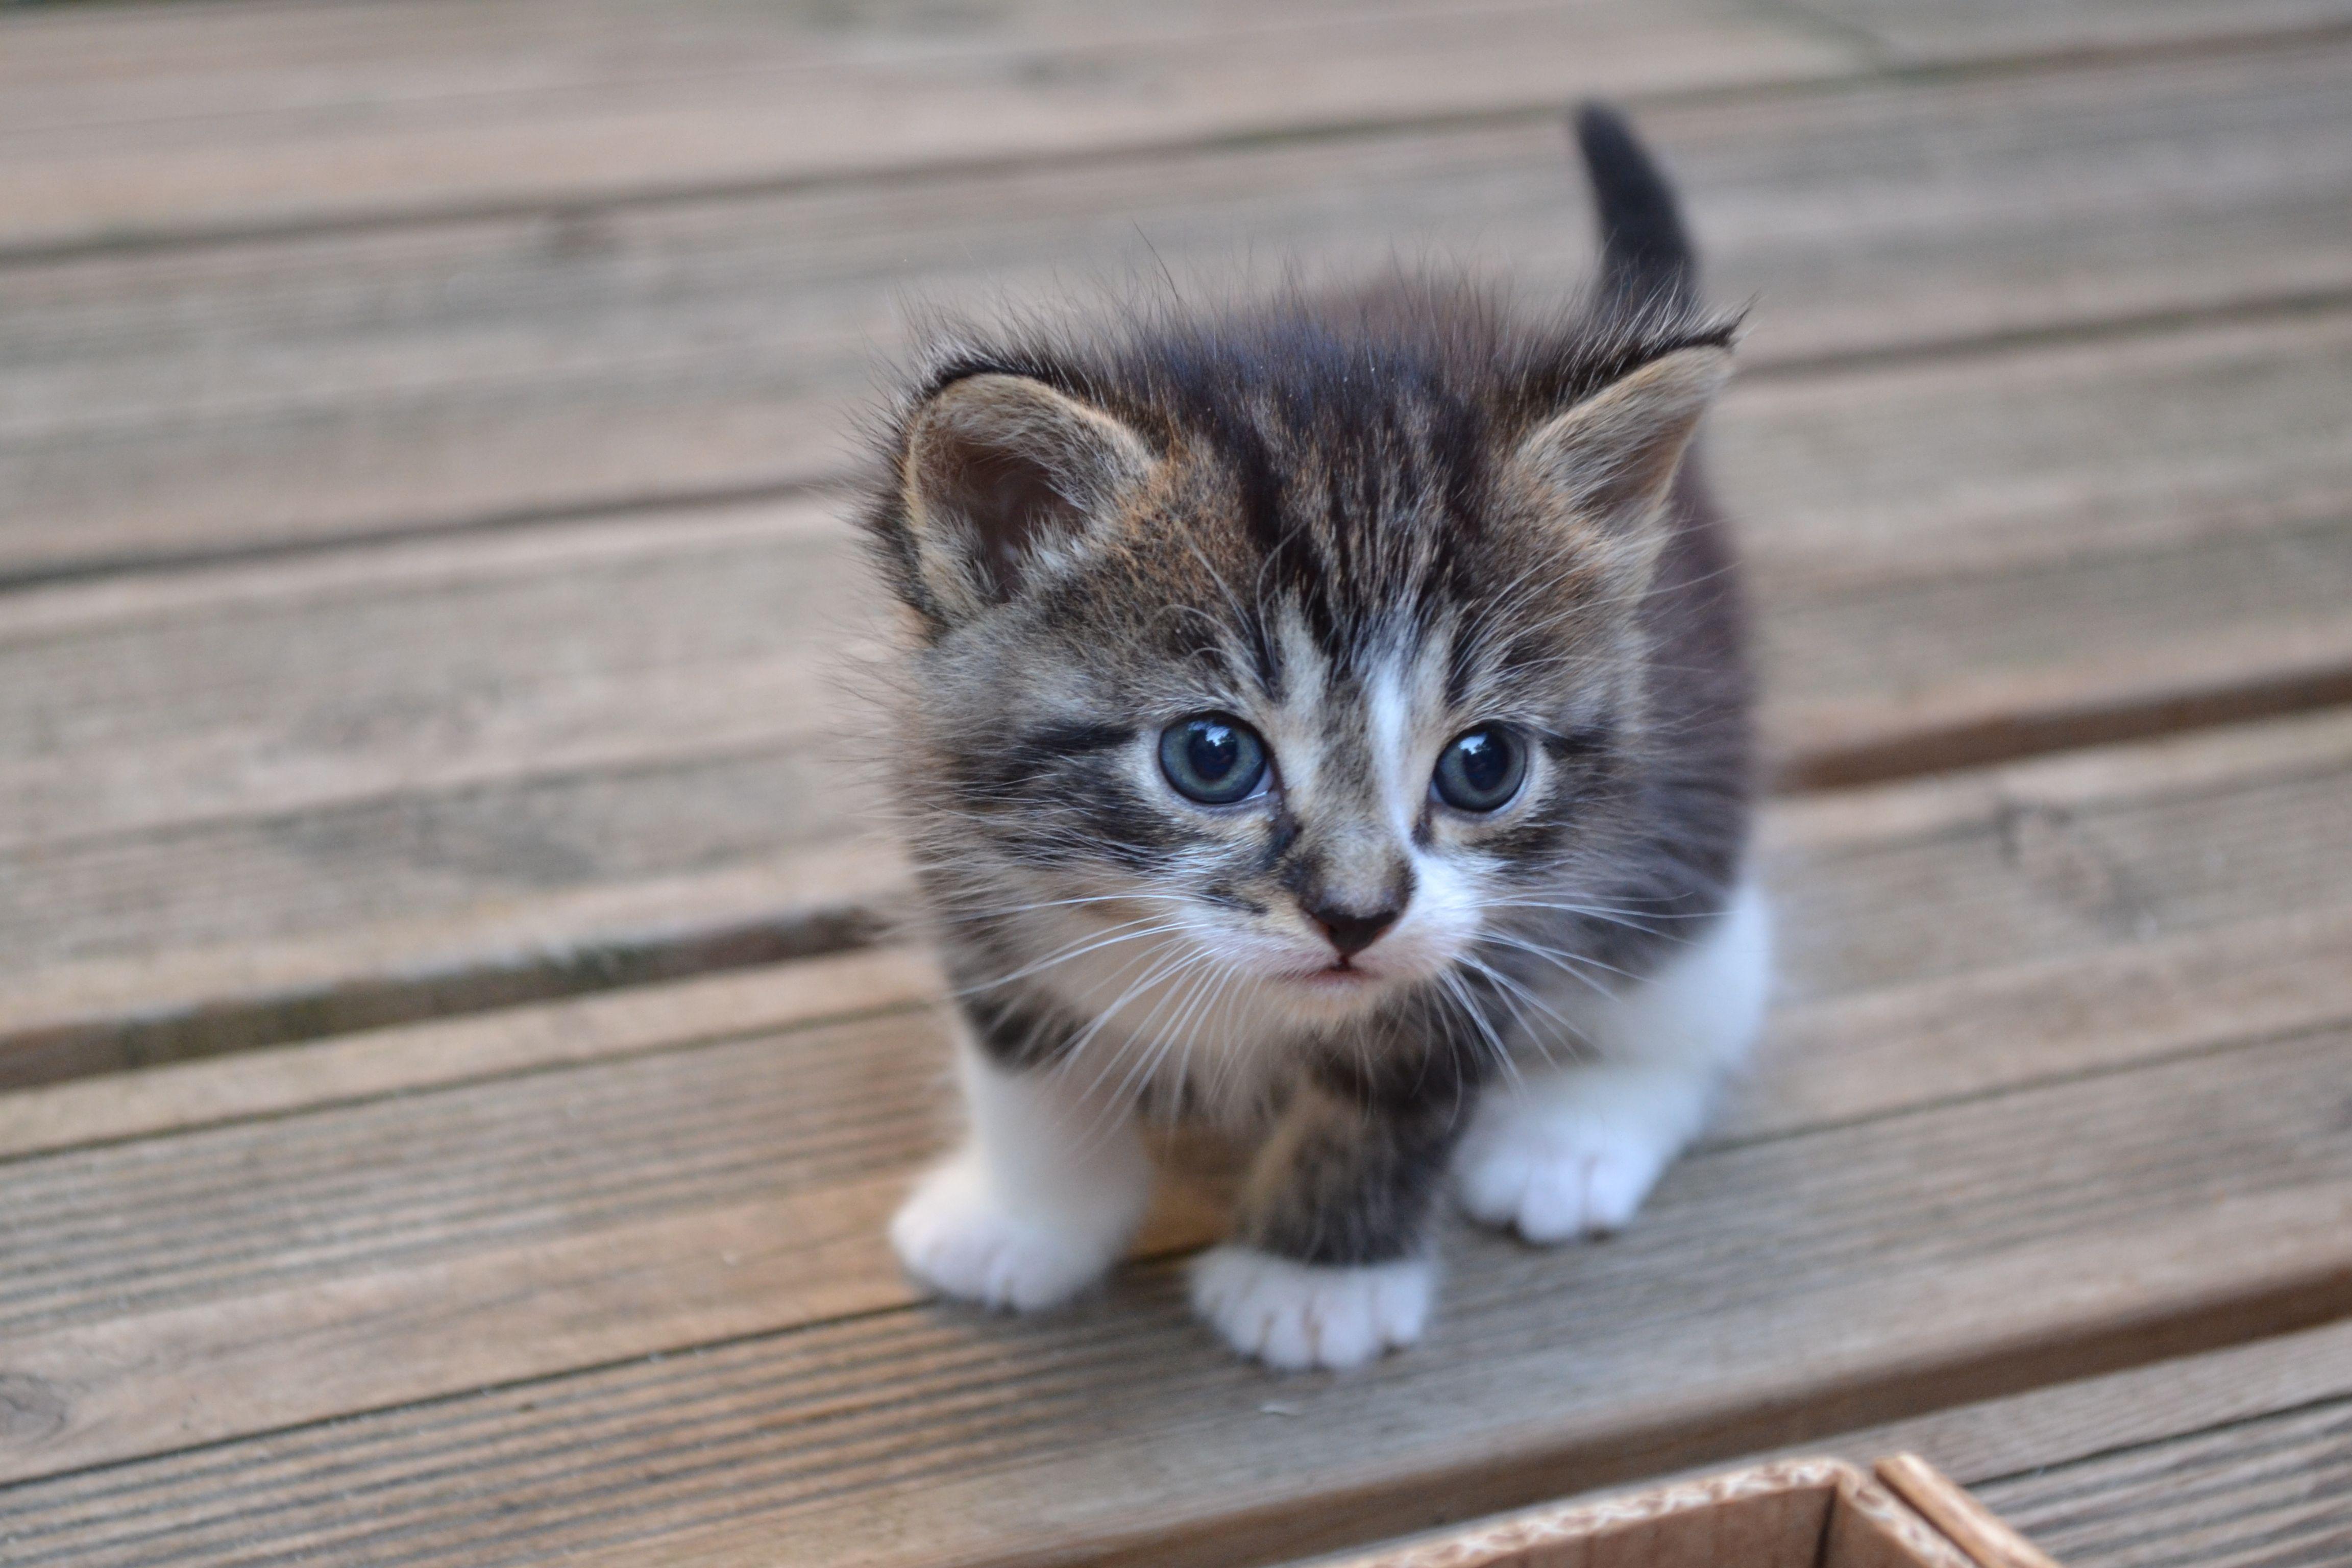 Chaton gris et blanc tout mignon animaux chaton gris chat gris et blanc b b s chatons mignons - Chat tout mignon ...